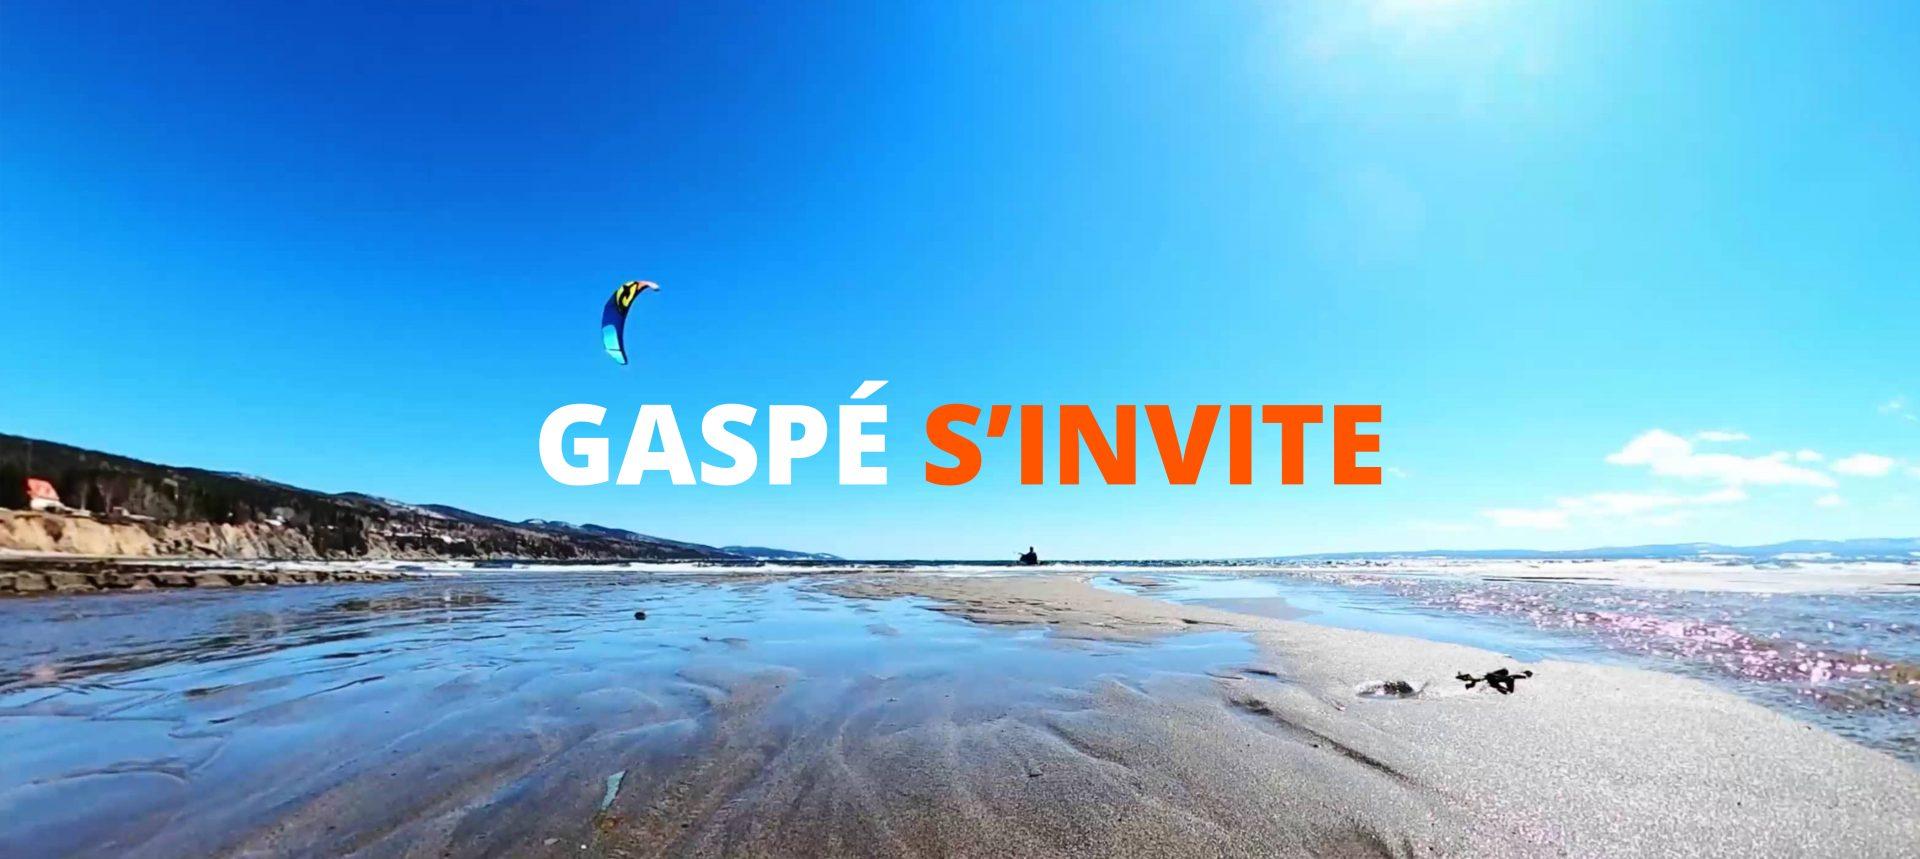 Gaspé s'invite : La plage dans votre salon